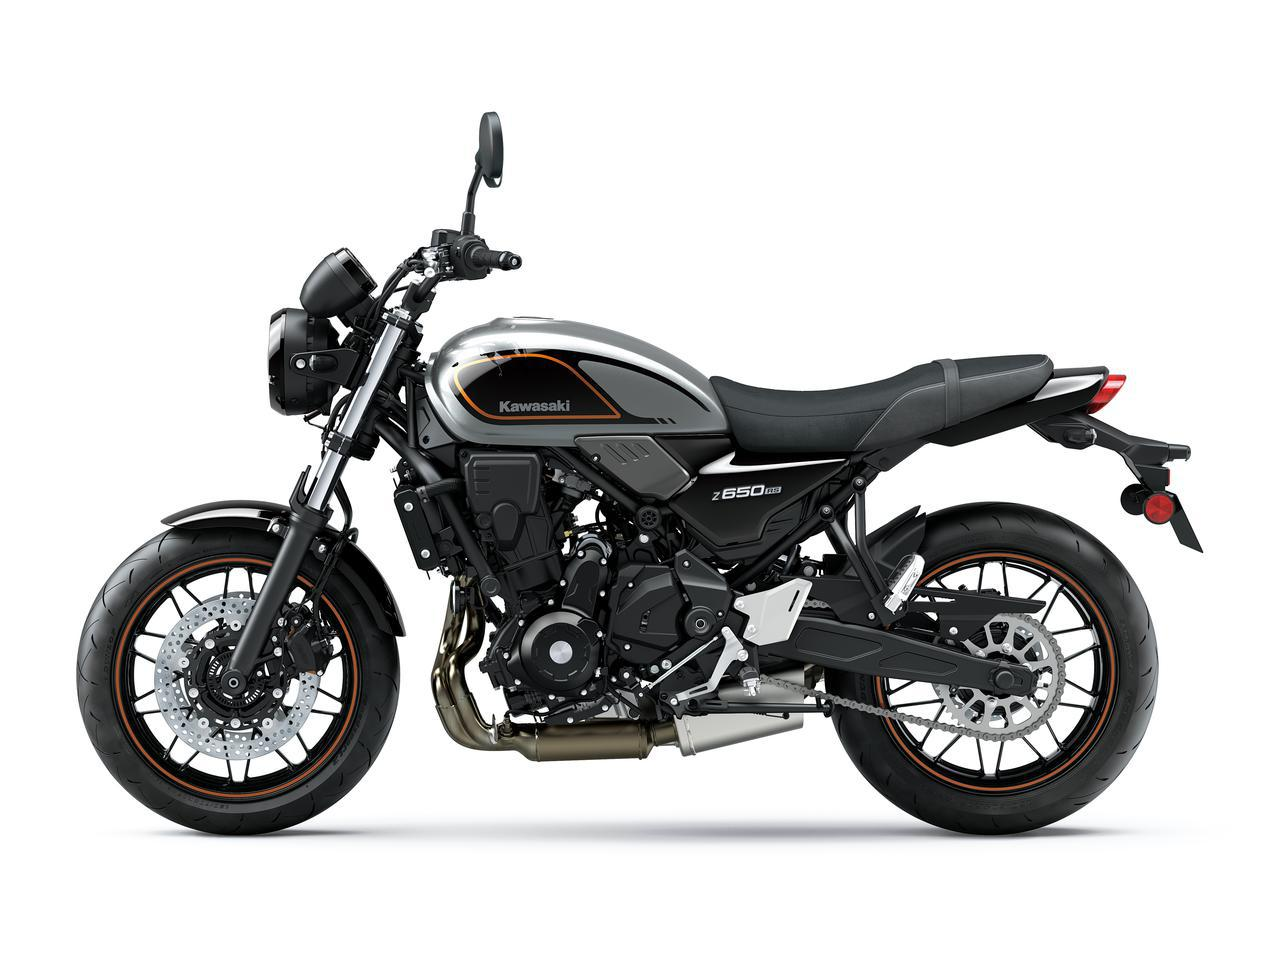 画像11: カワサキ「Z650RS」国内モデルに関する情報|発売時期が明らかに! 日本での販売価格も予想【2022速報】